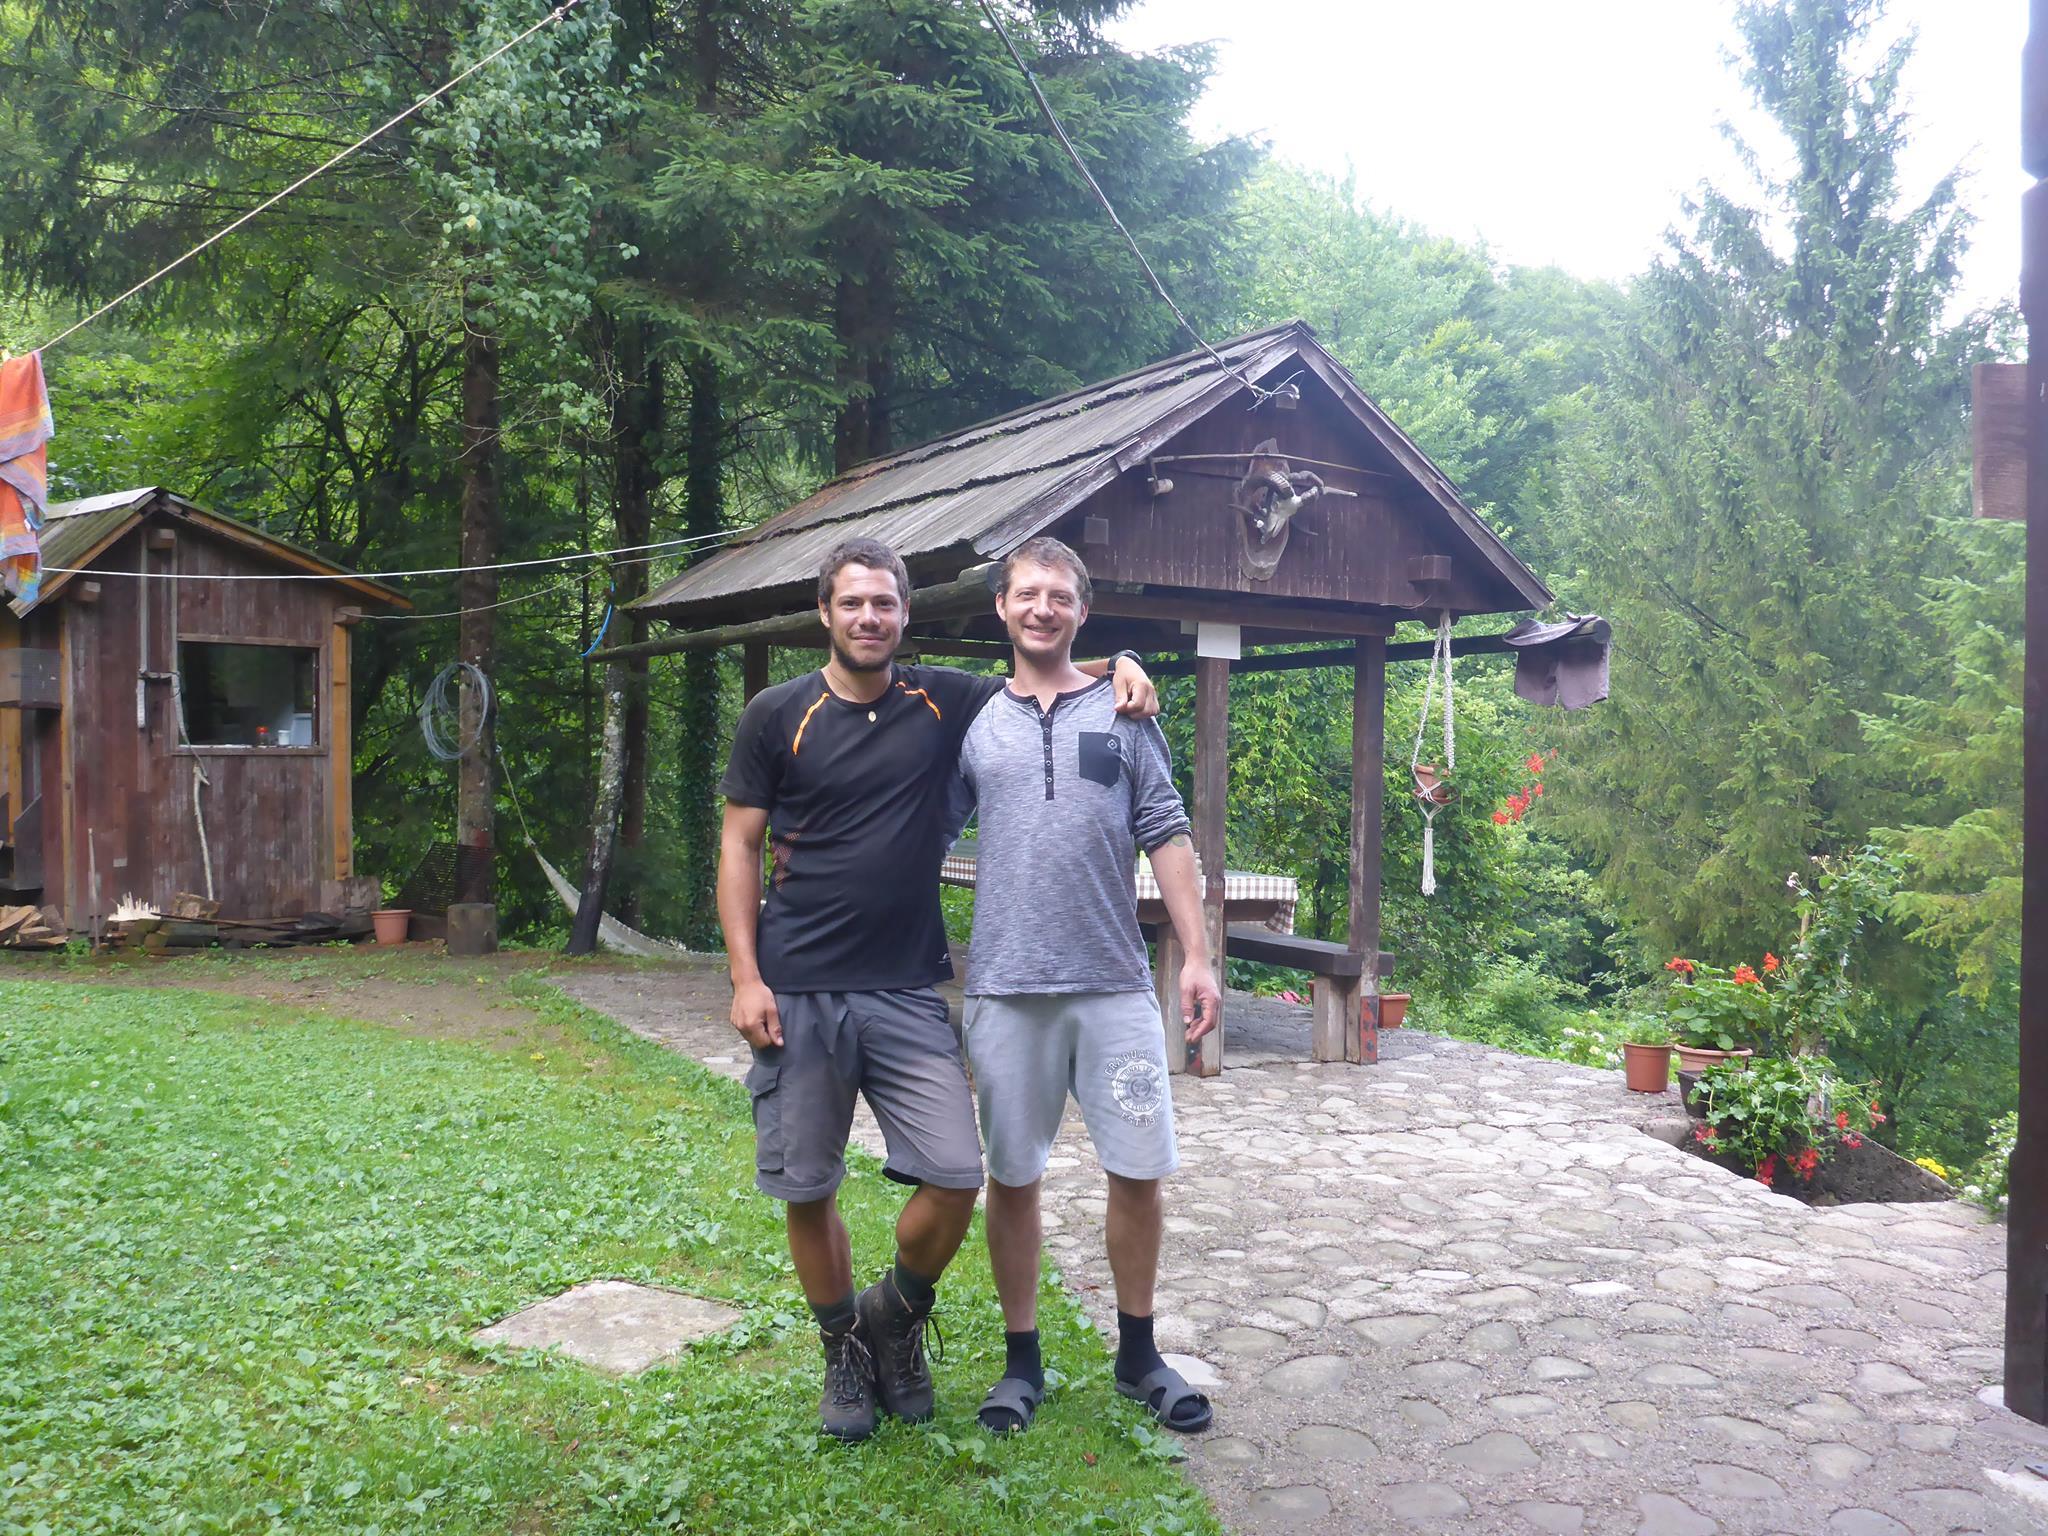 Je rencontre Josip, un croate vivant dans sa maison au milieu du parc national de Risnjak. Chasseur, pêcheur, cueilleur de plantes sauvages, nous restons à discuter la fin de l'après midi avant que je le laisse à son paradis dans lequel il vit